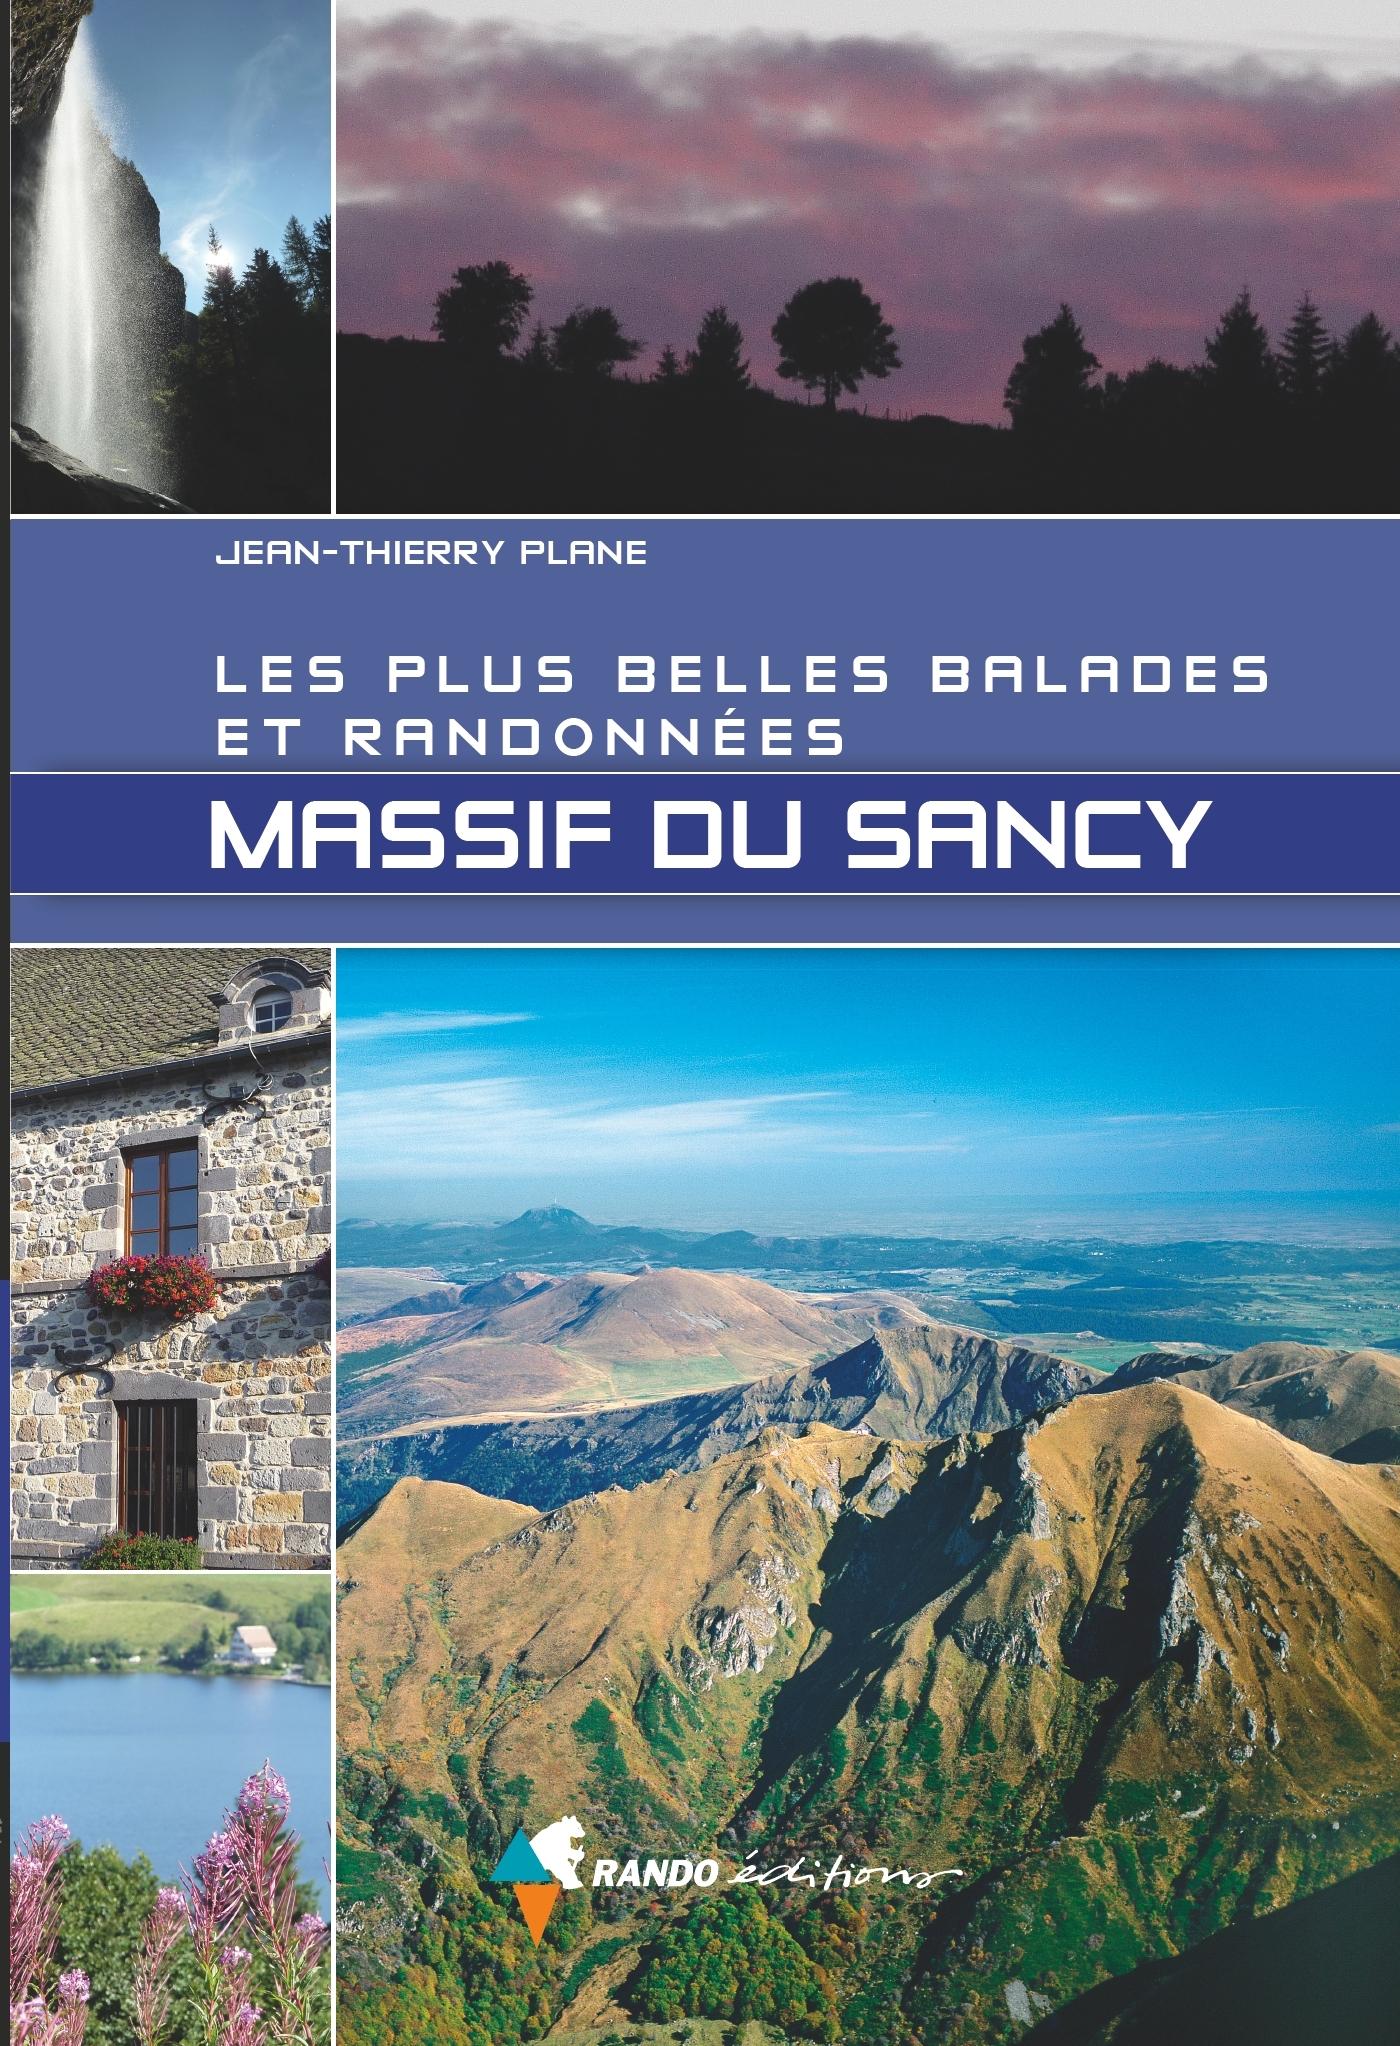 MASSIF DU SANCY - LES PLUS BELLES BALADES ET RANDONNEES